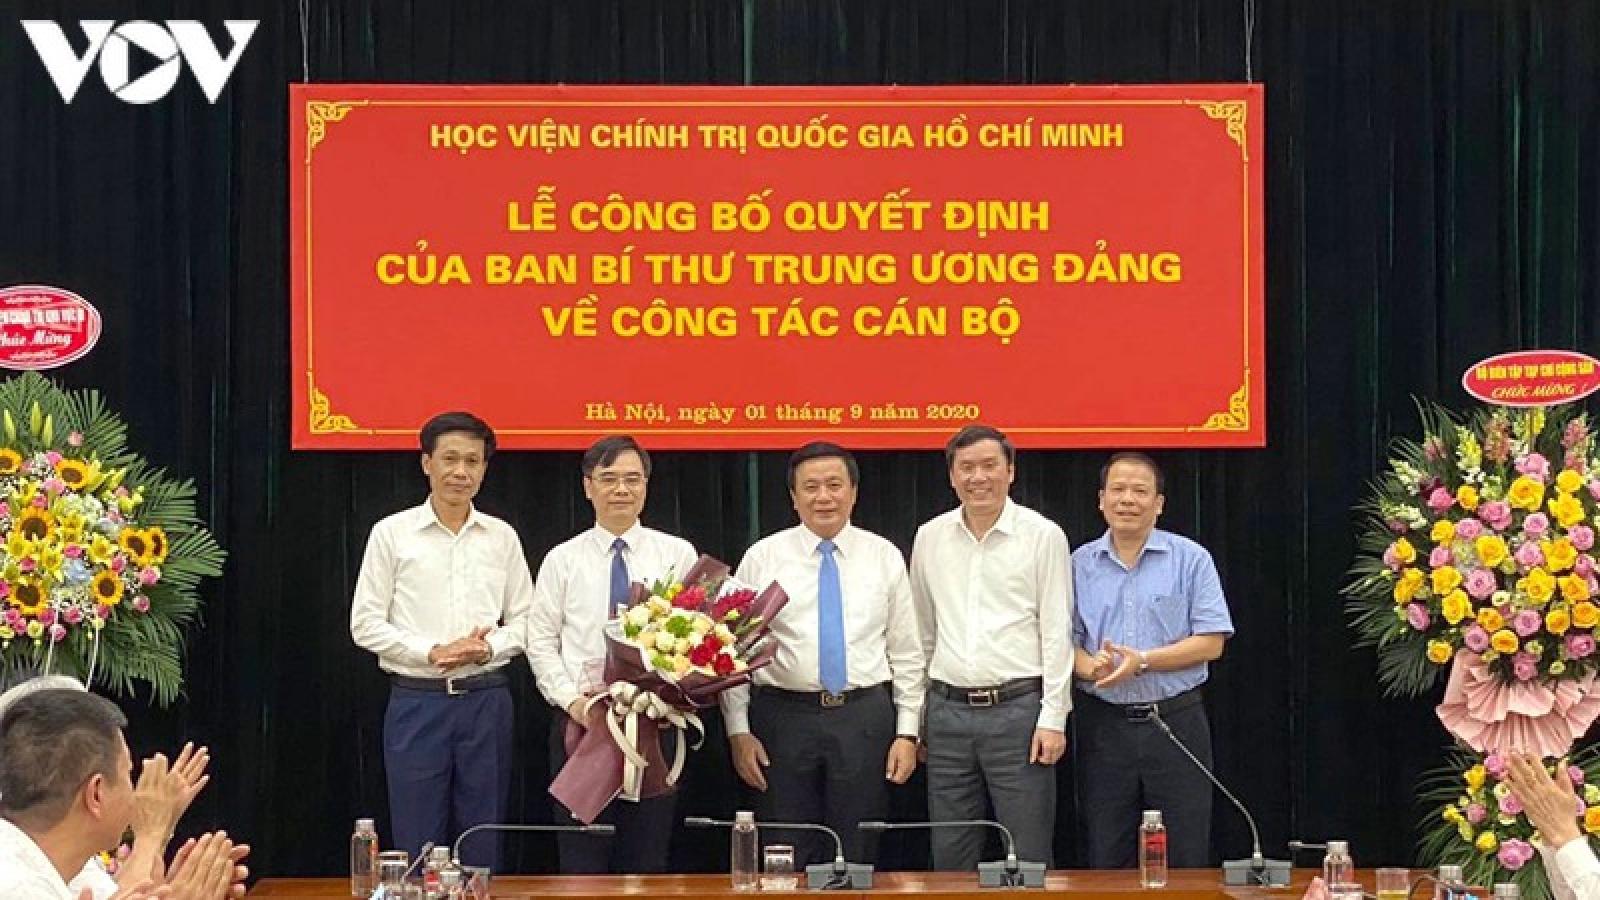 Bổ nhiệm Phó Giám đốc Học viện Chính trị Quốc gia Hồ Chí Minh